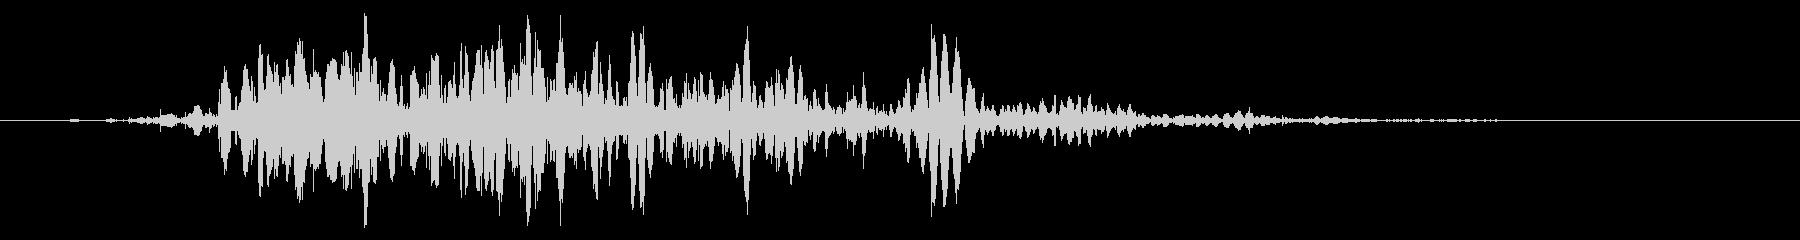 スライムなどが蠢く音タイプB#2の未再生の波形